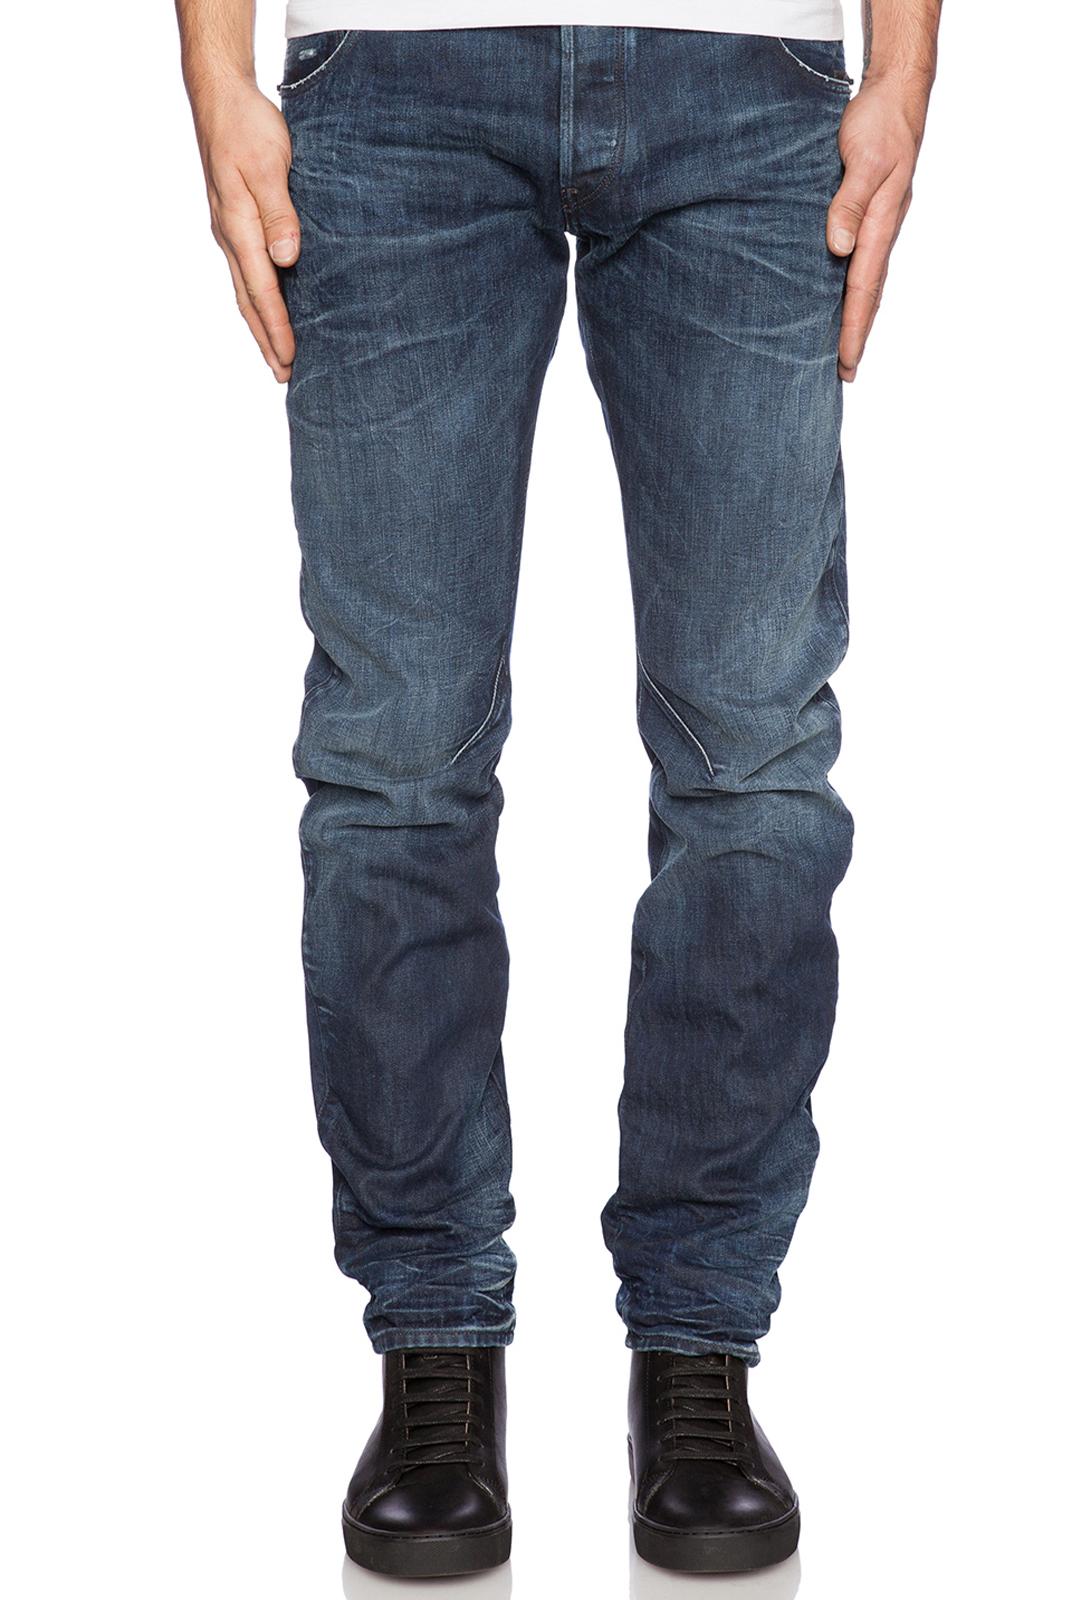 Jeans  G-star 51031-6591-89 arc zip bleu